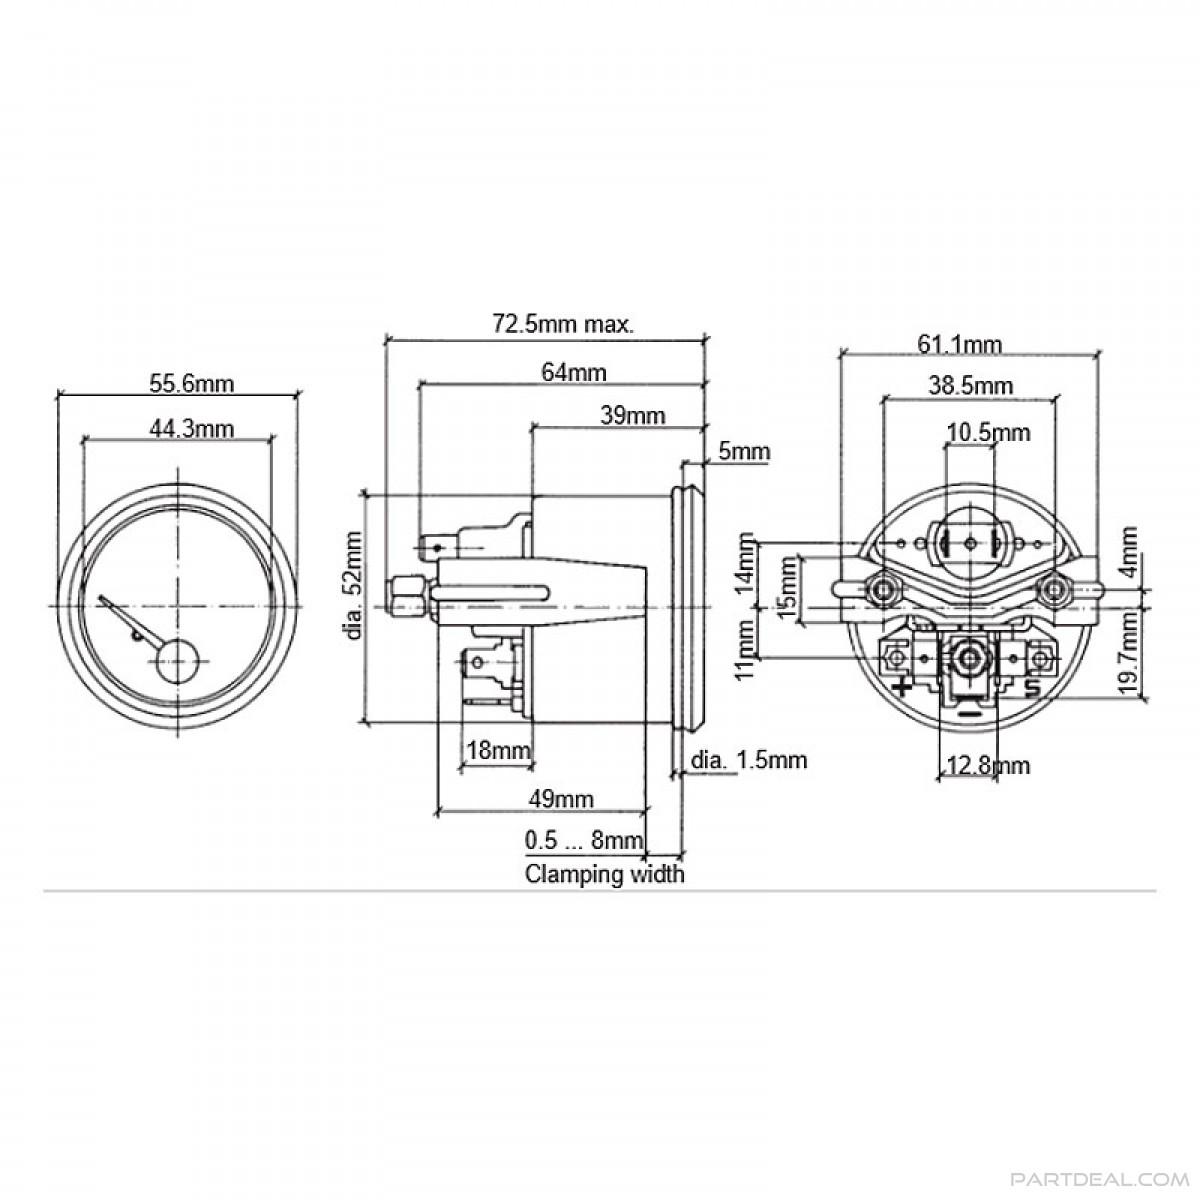 vdo gauge wiring diagram voltage vdo oil temp wiring diagram wiring diagram data  vdo oil temp wiring diagram wiring